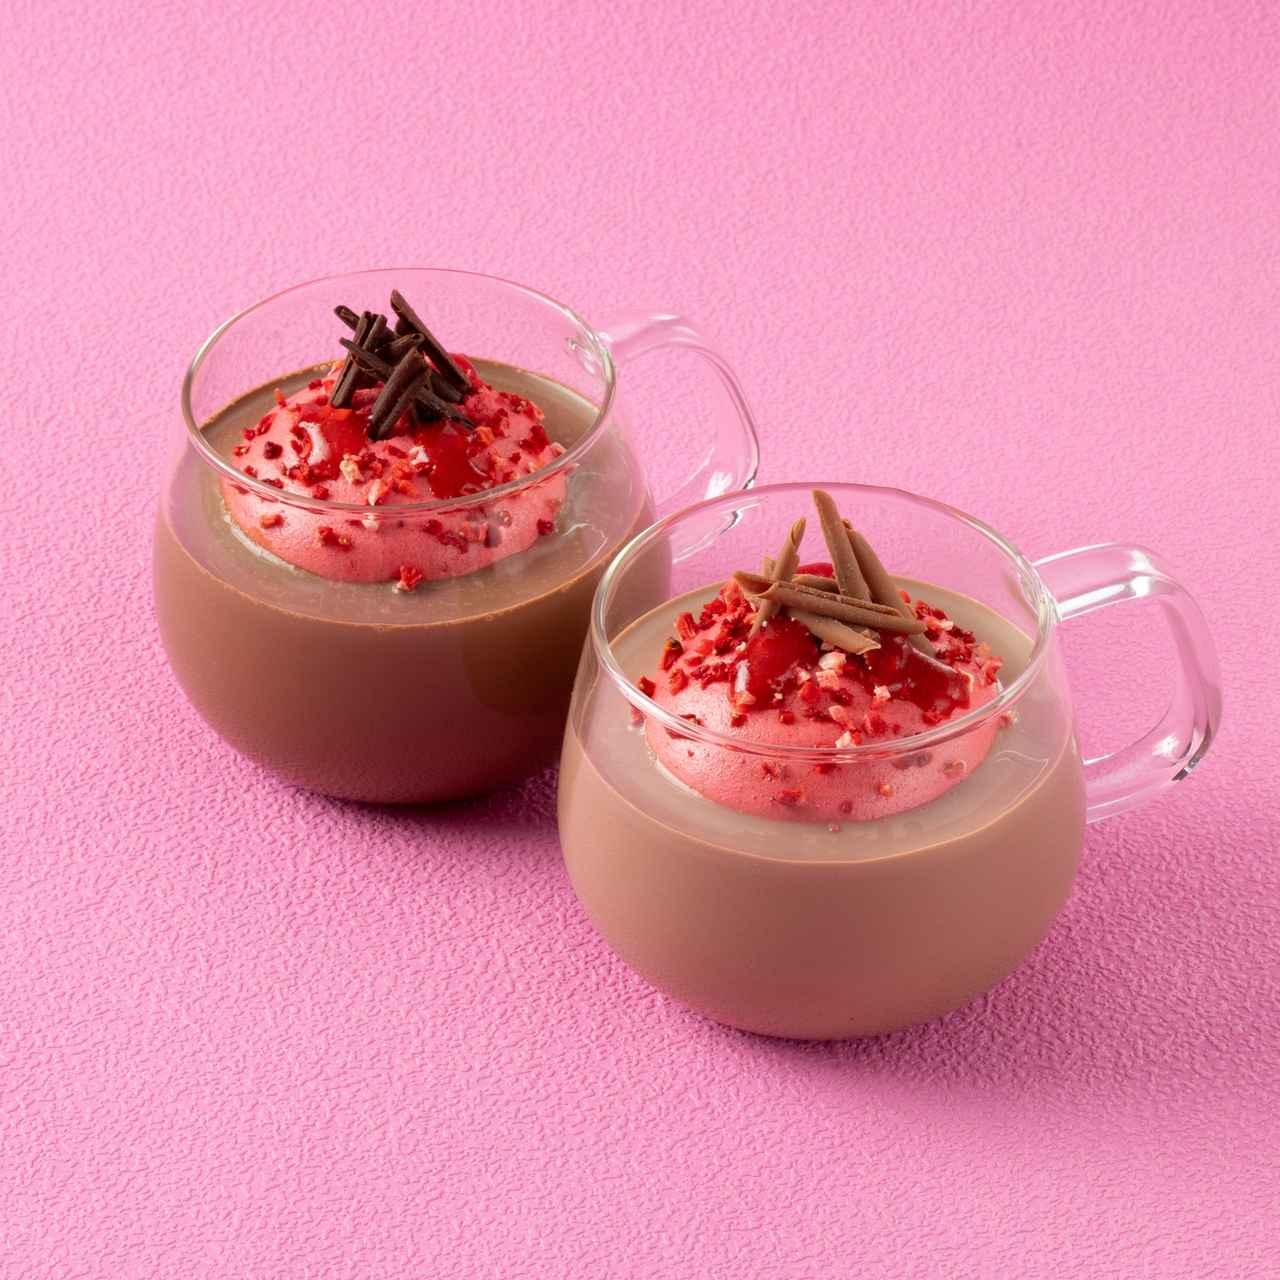 画像2: リンツ ショコラ カフェのバレンタインドリンクは 甘酸っぱいストロベリー